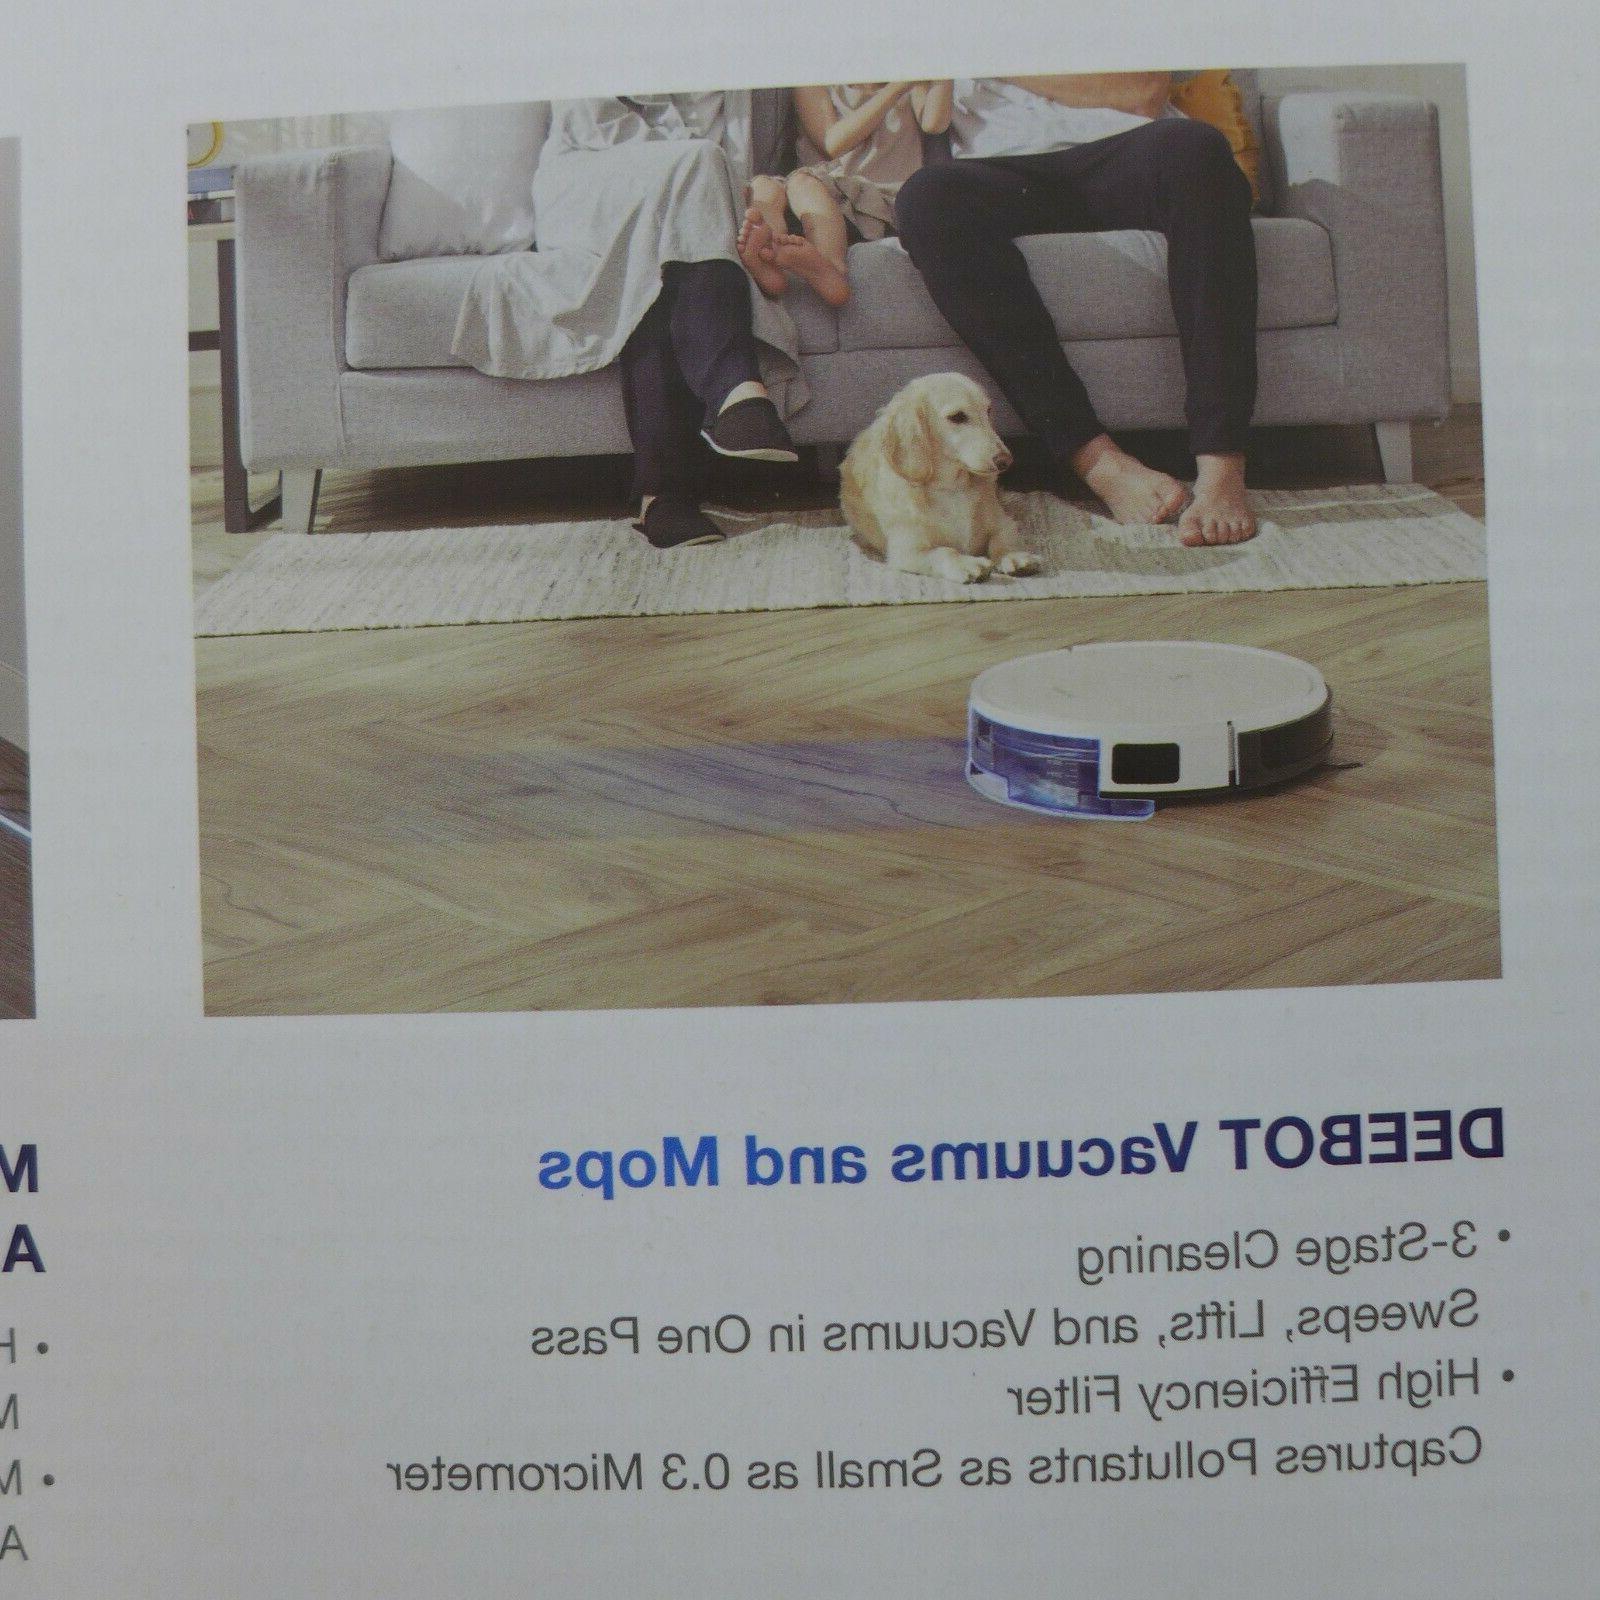 VACUUM Vacuum & Mopping Cleaner